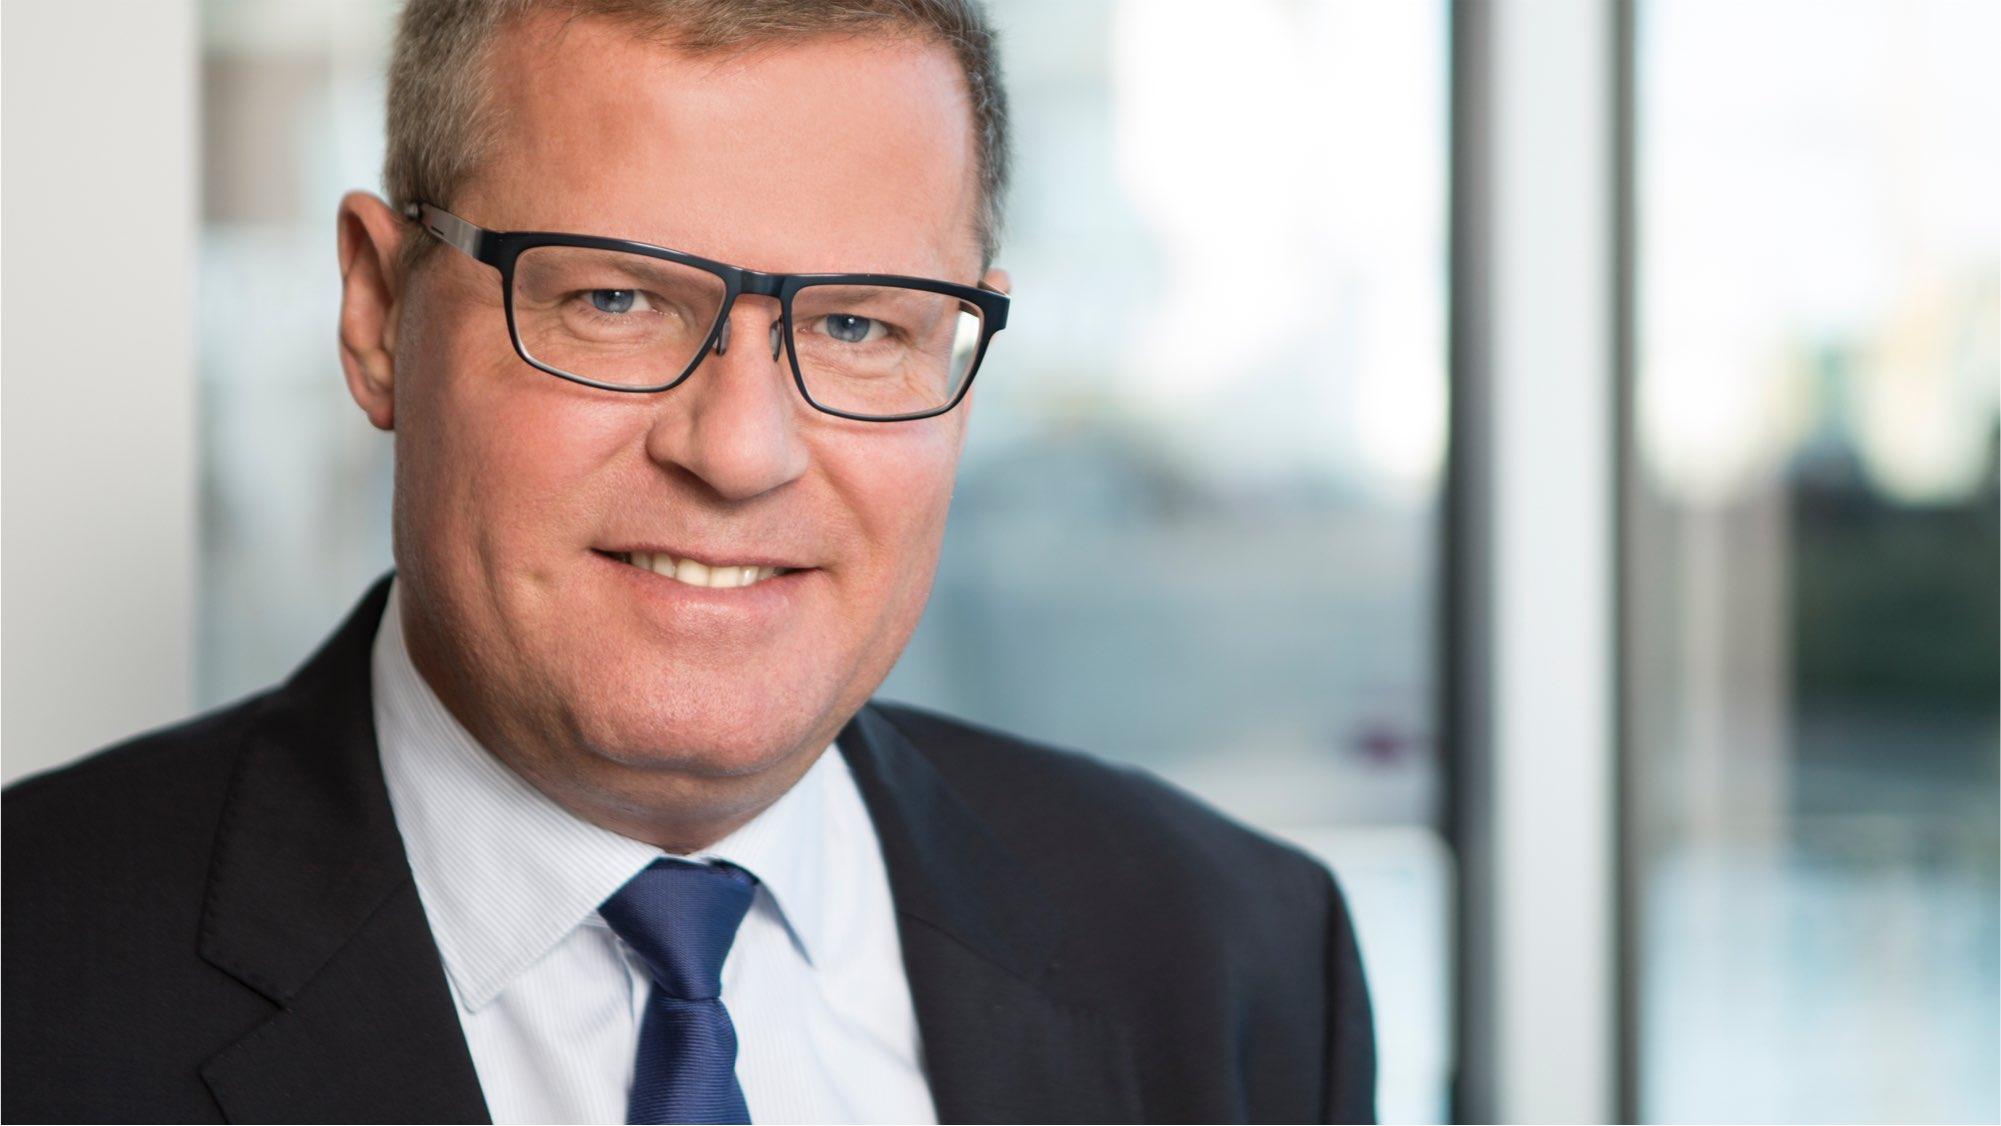 Niels Olsen Photo VP Securities